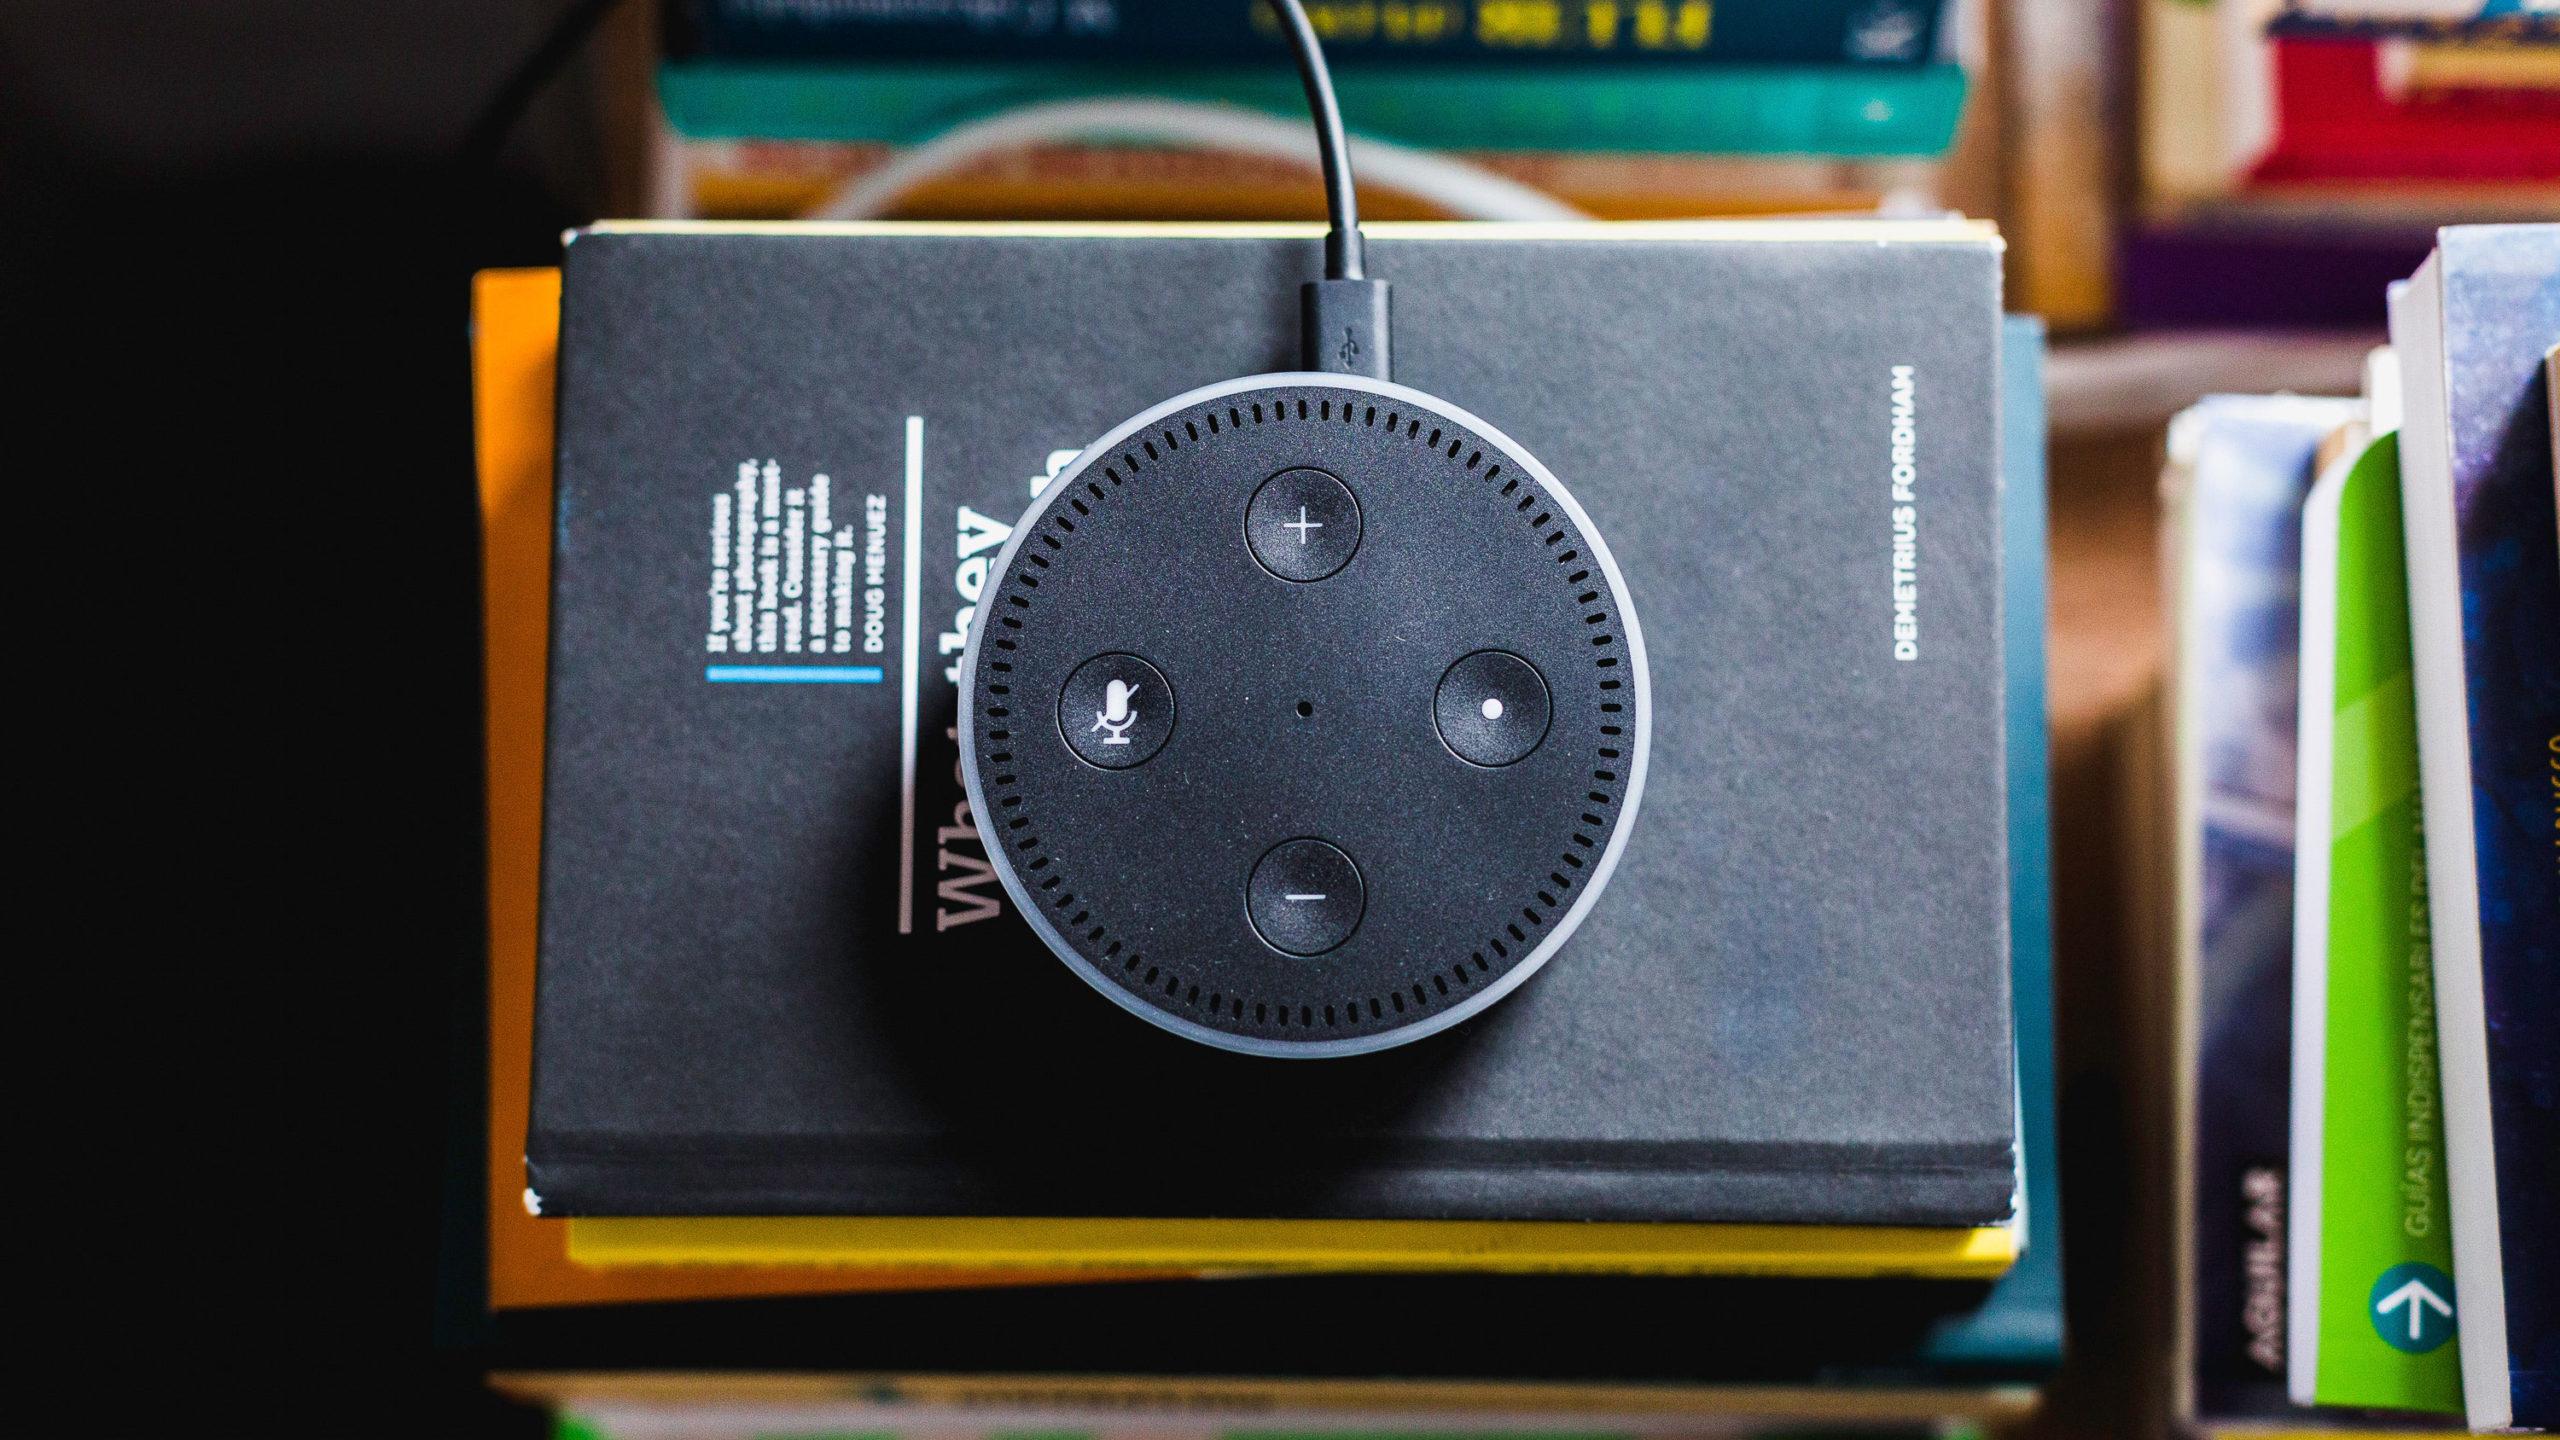 La incidencia de Amazon Alexa, Homekit y Google y como se adaptan a una vivienda